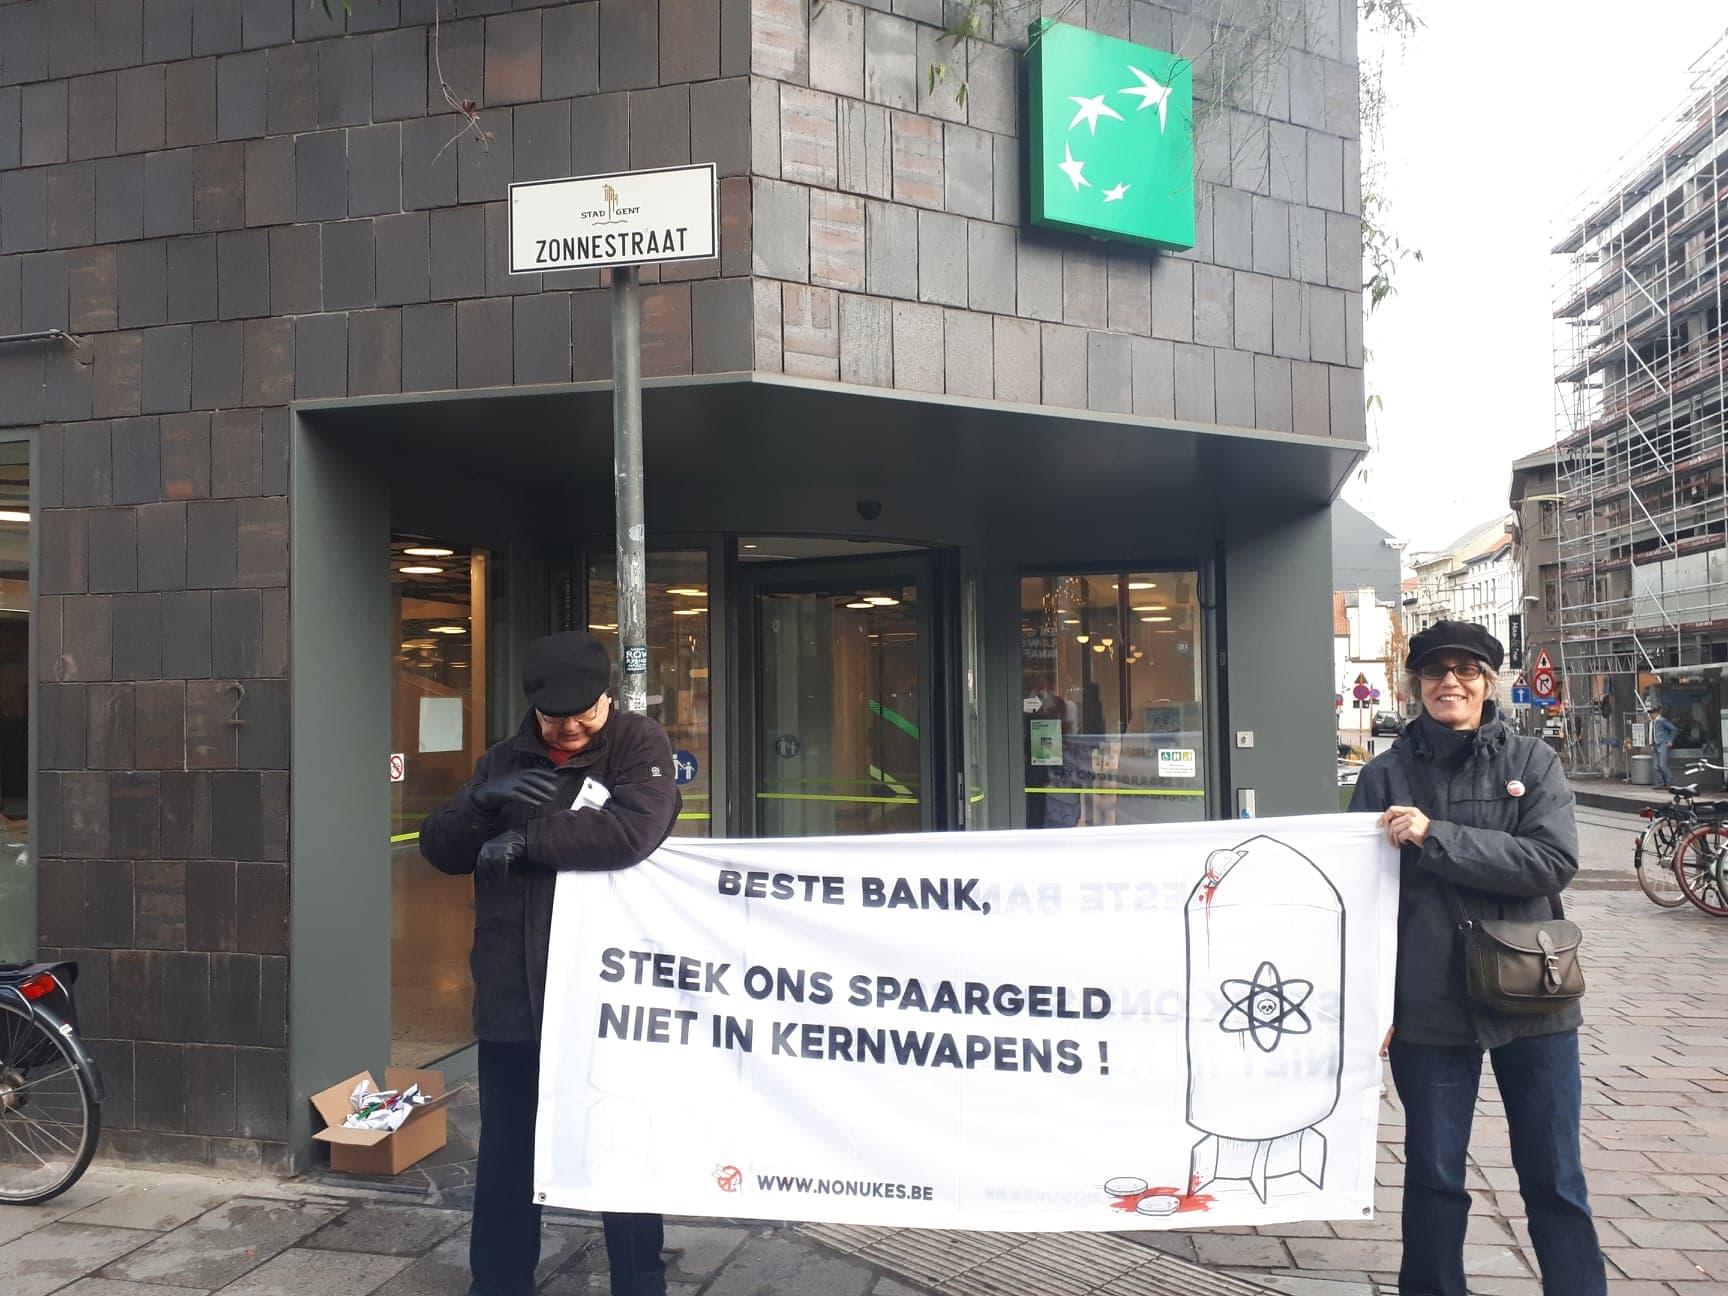 Actieverslag: Prikactie aan BNP Paribas Fortis in Gent